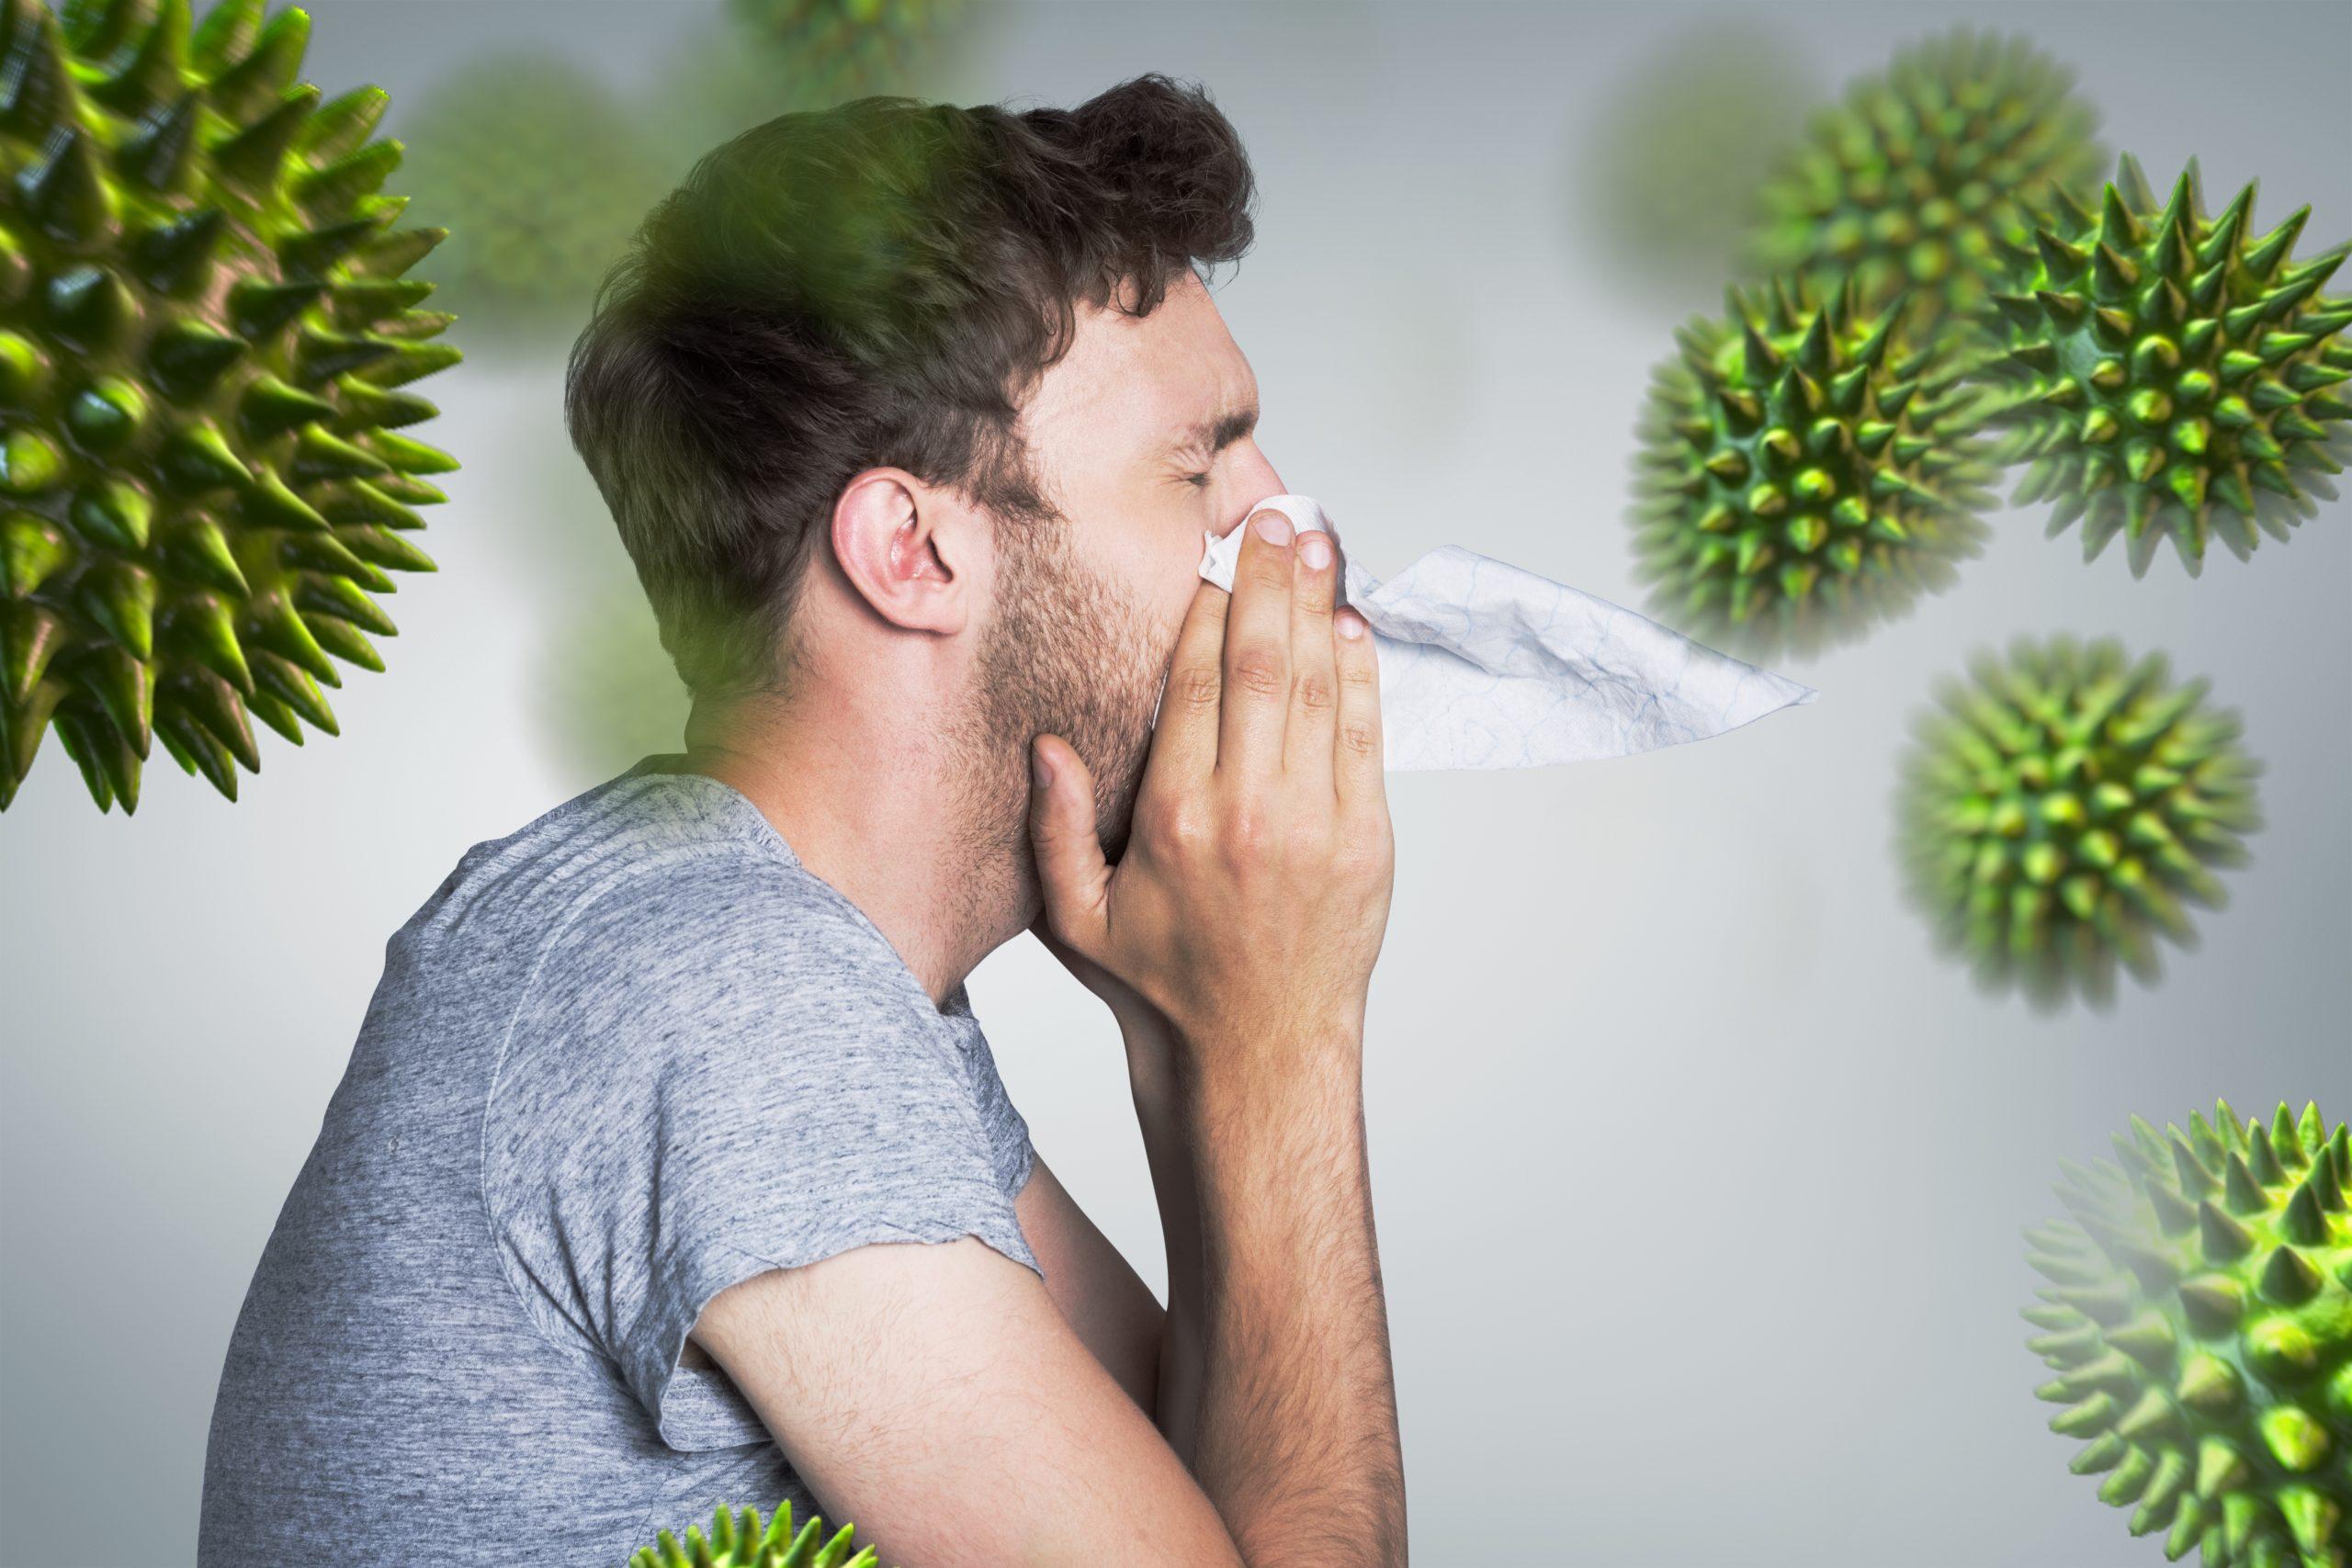 Quão importante é ter um forte sistema imunológico?